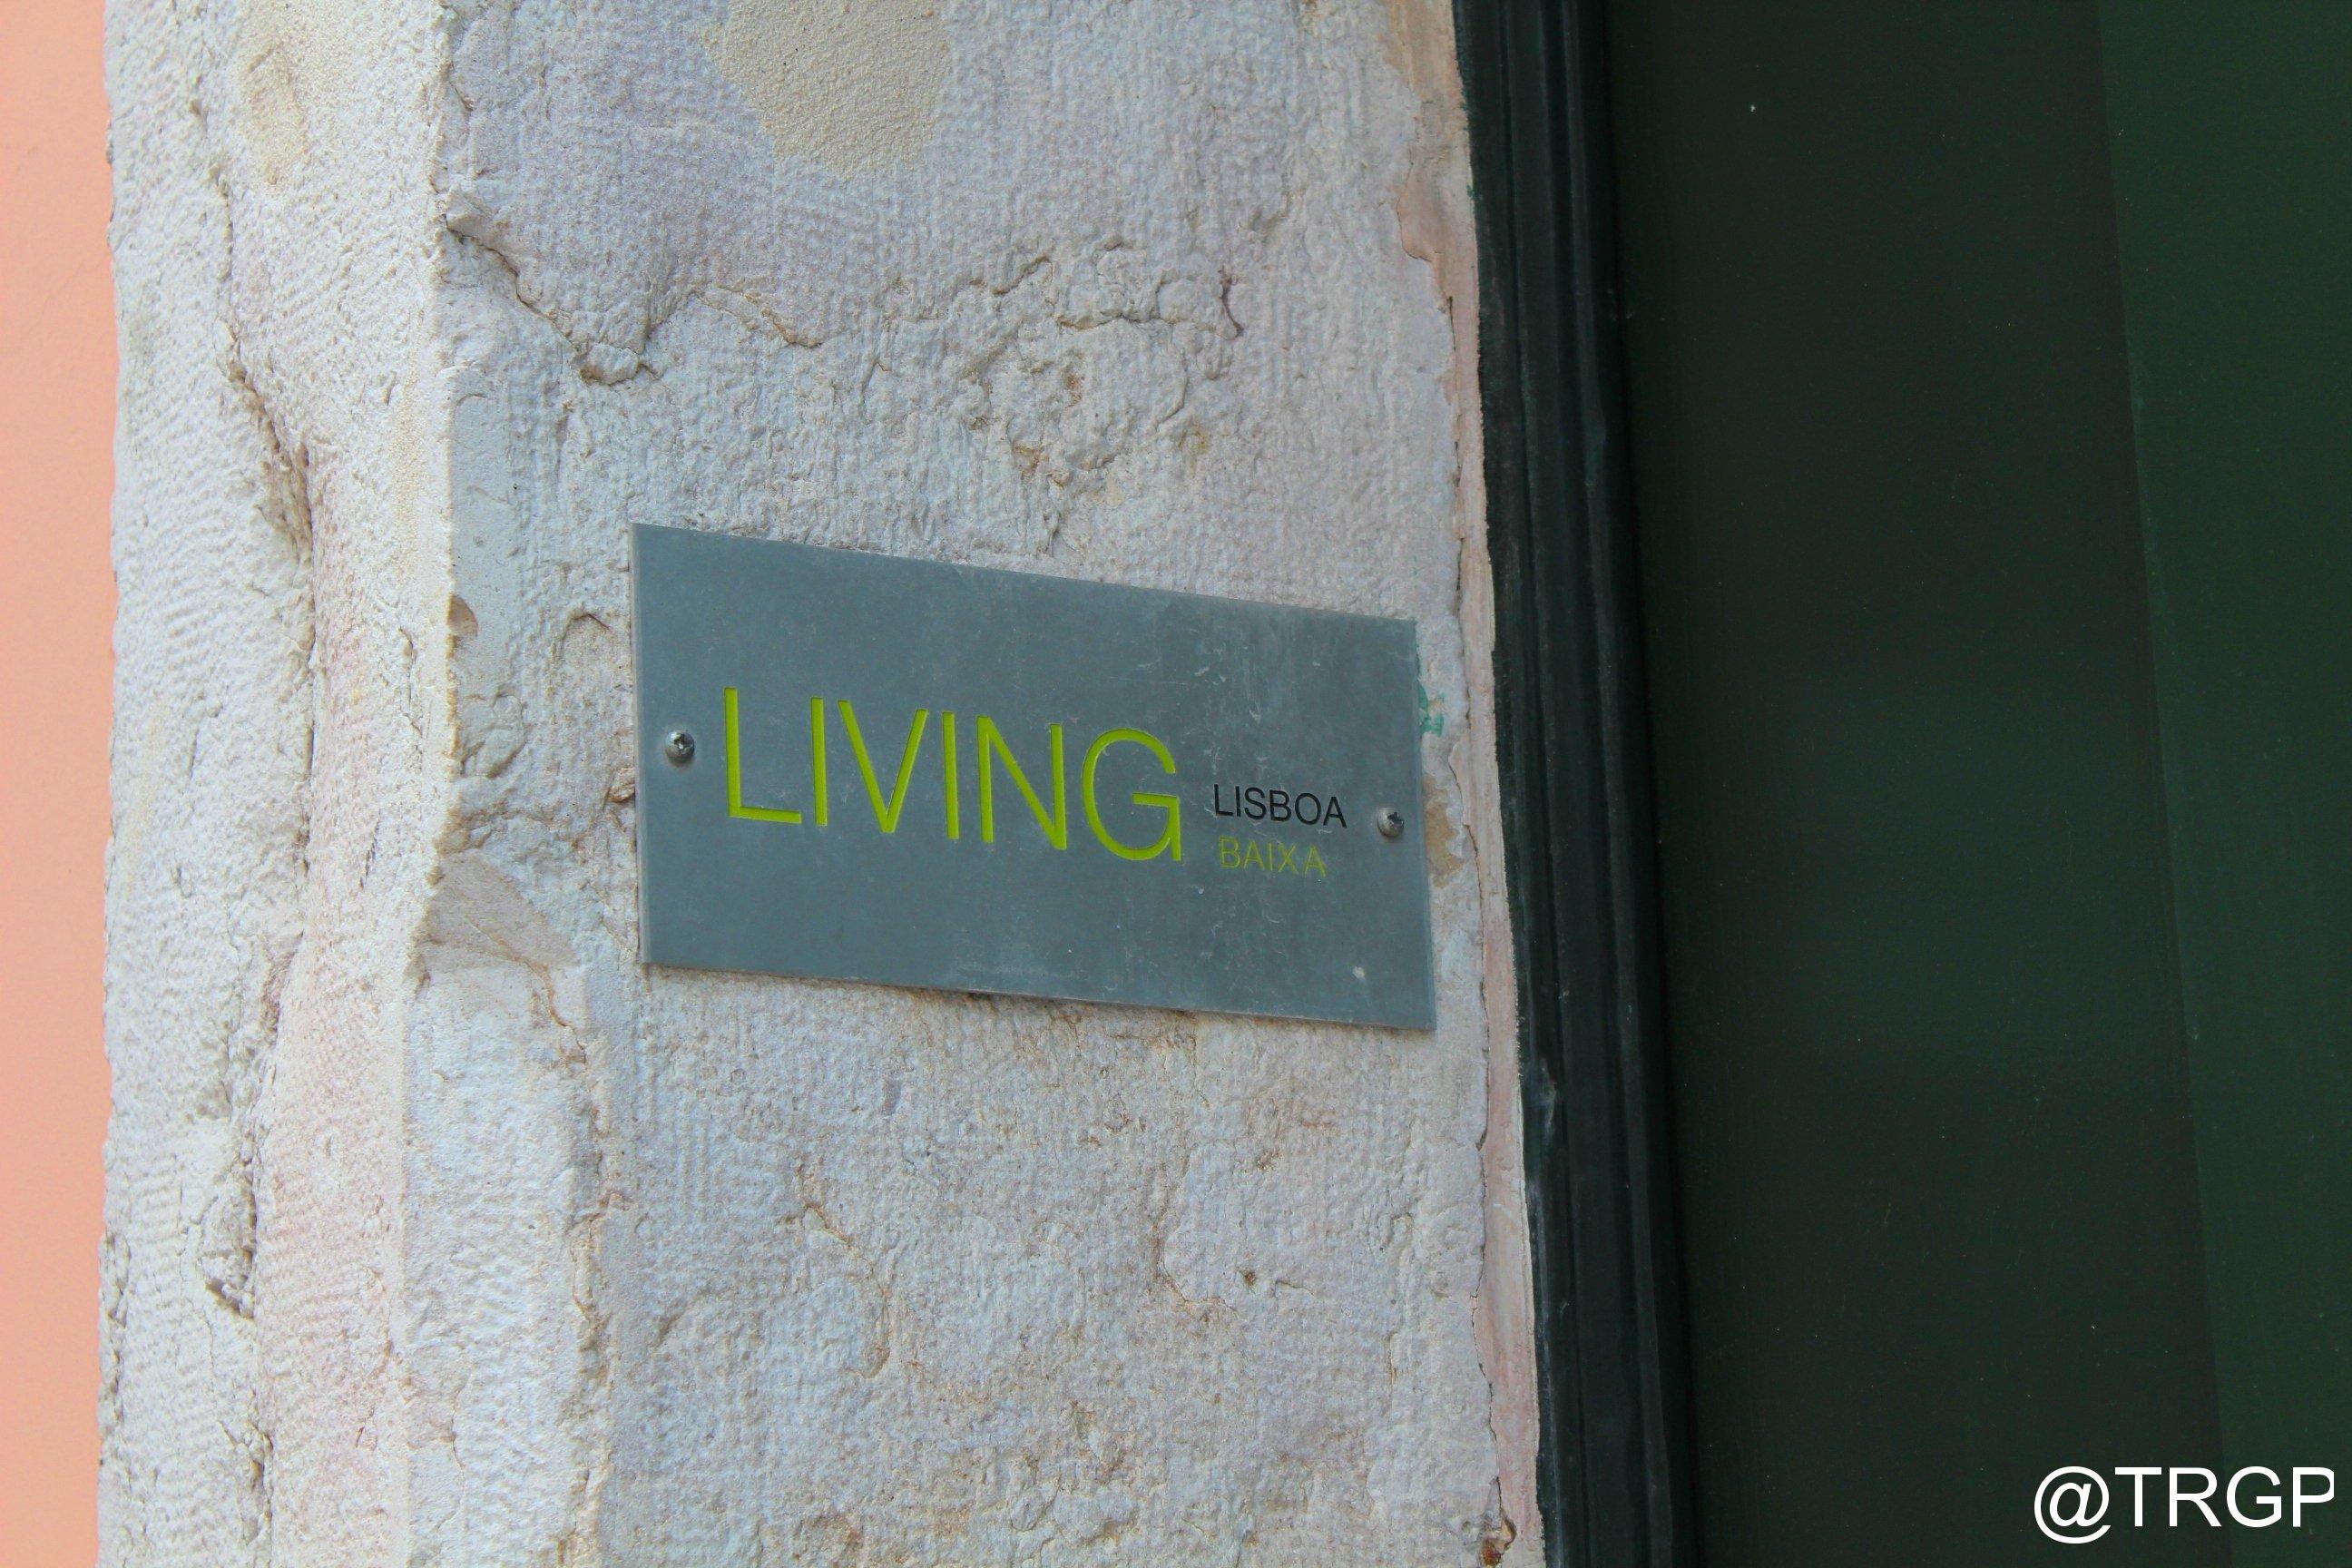 Living Lisboa